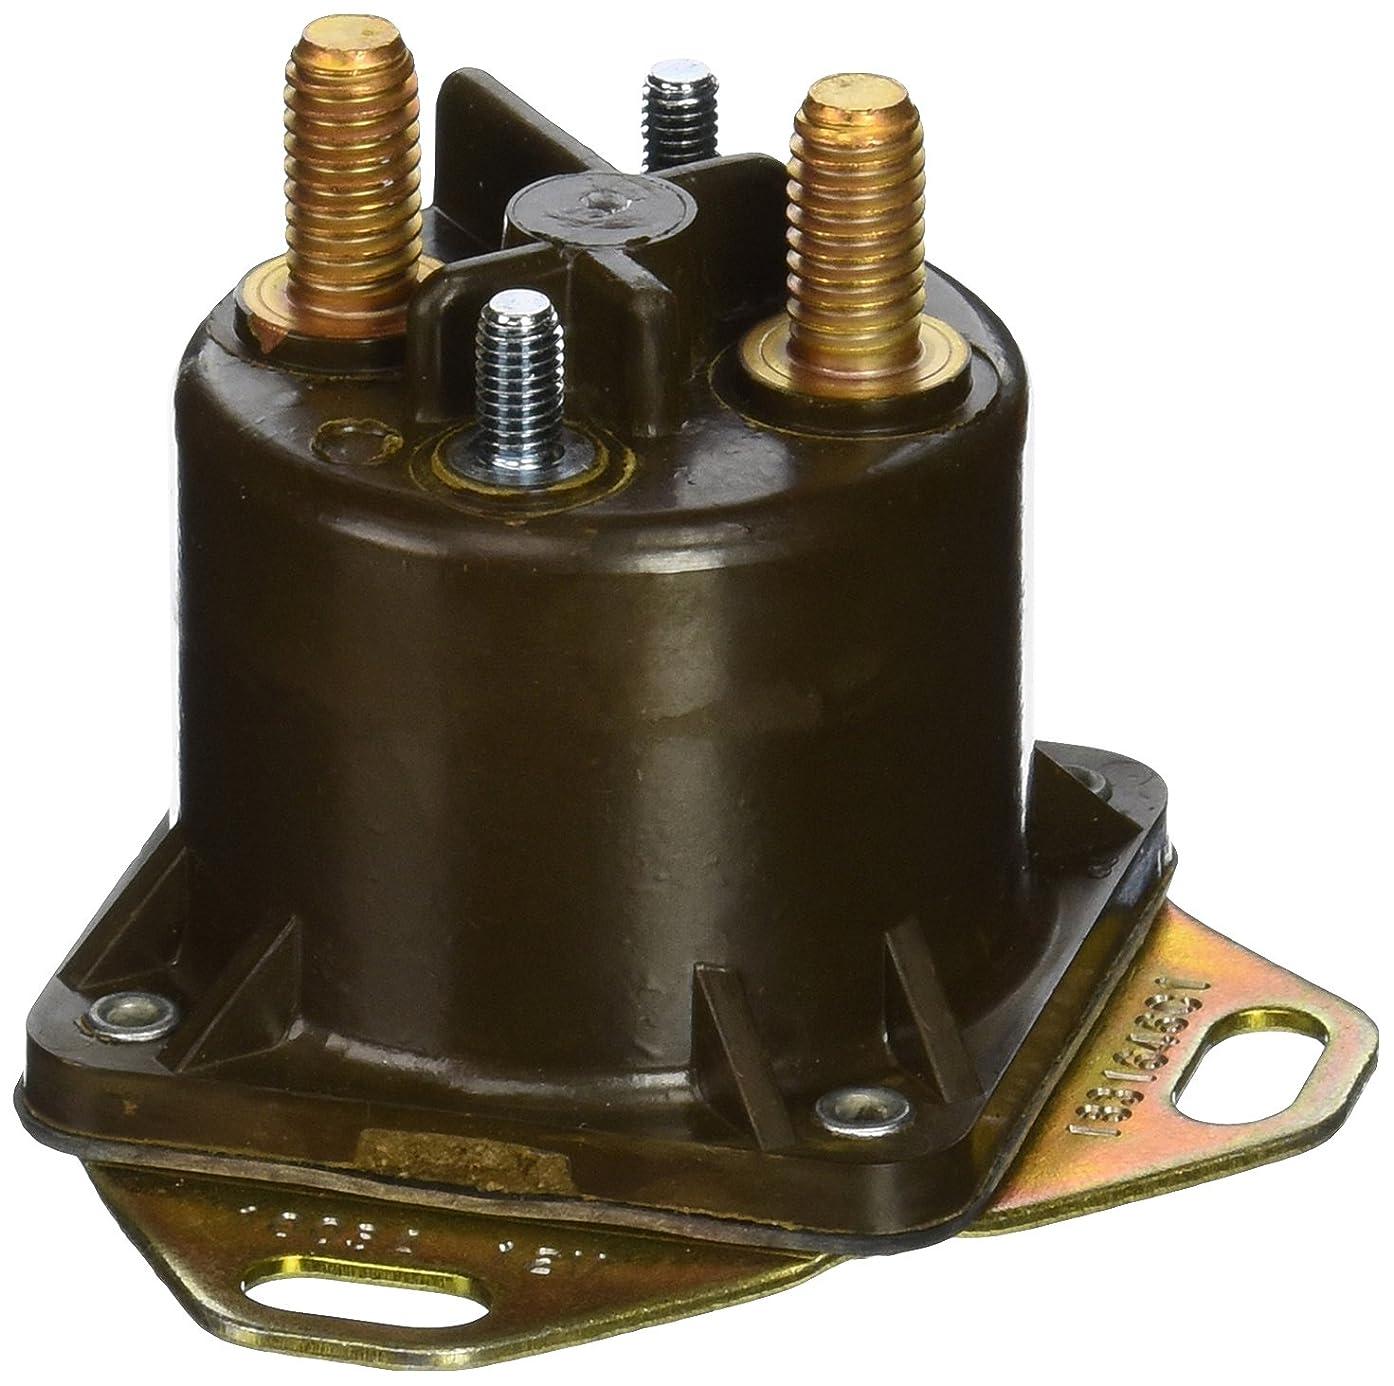 Motorcraft DY861 Glow Plug Switch